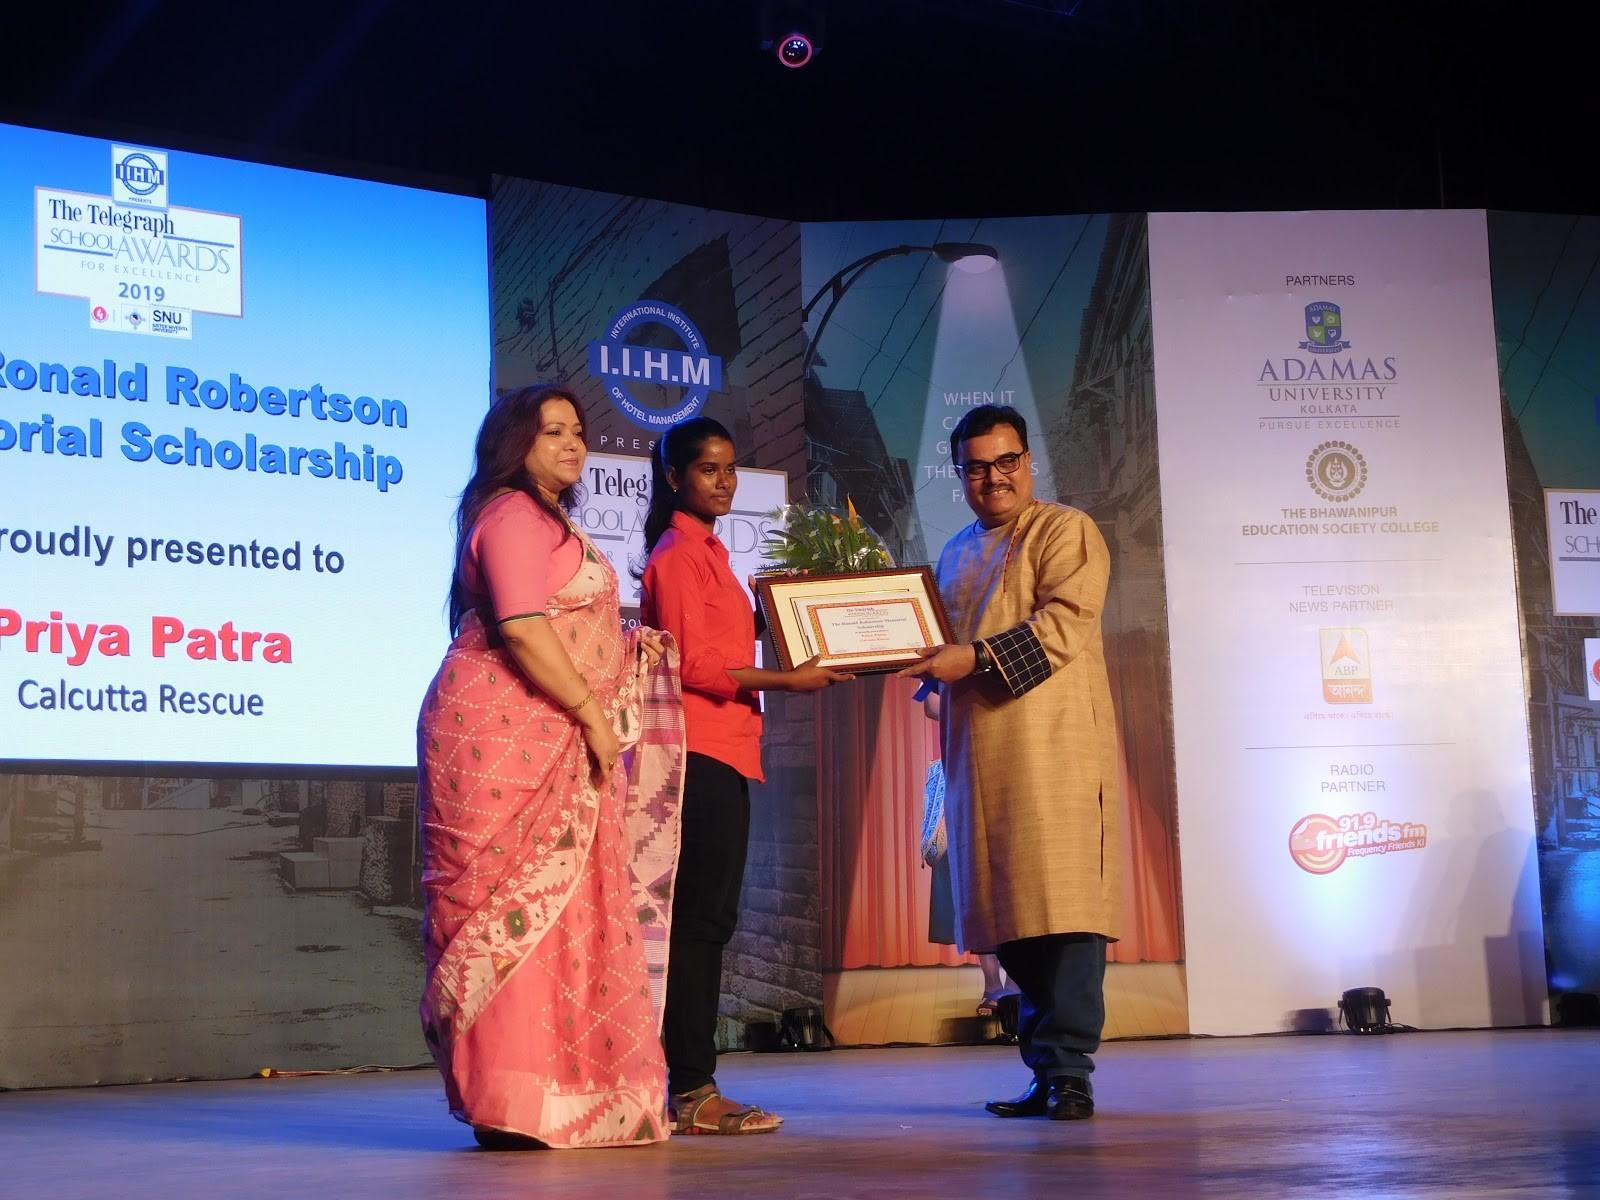 Priya erhält den Telegraph School Awards for Excellence als Sportlerin mit herausragendem Talent.